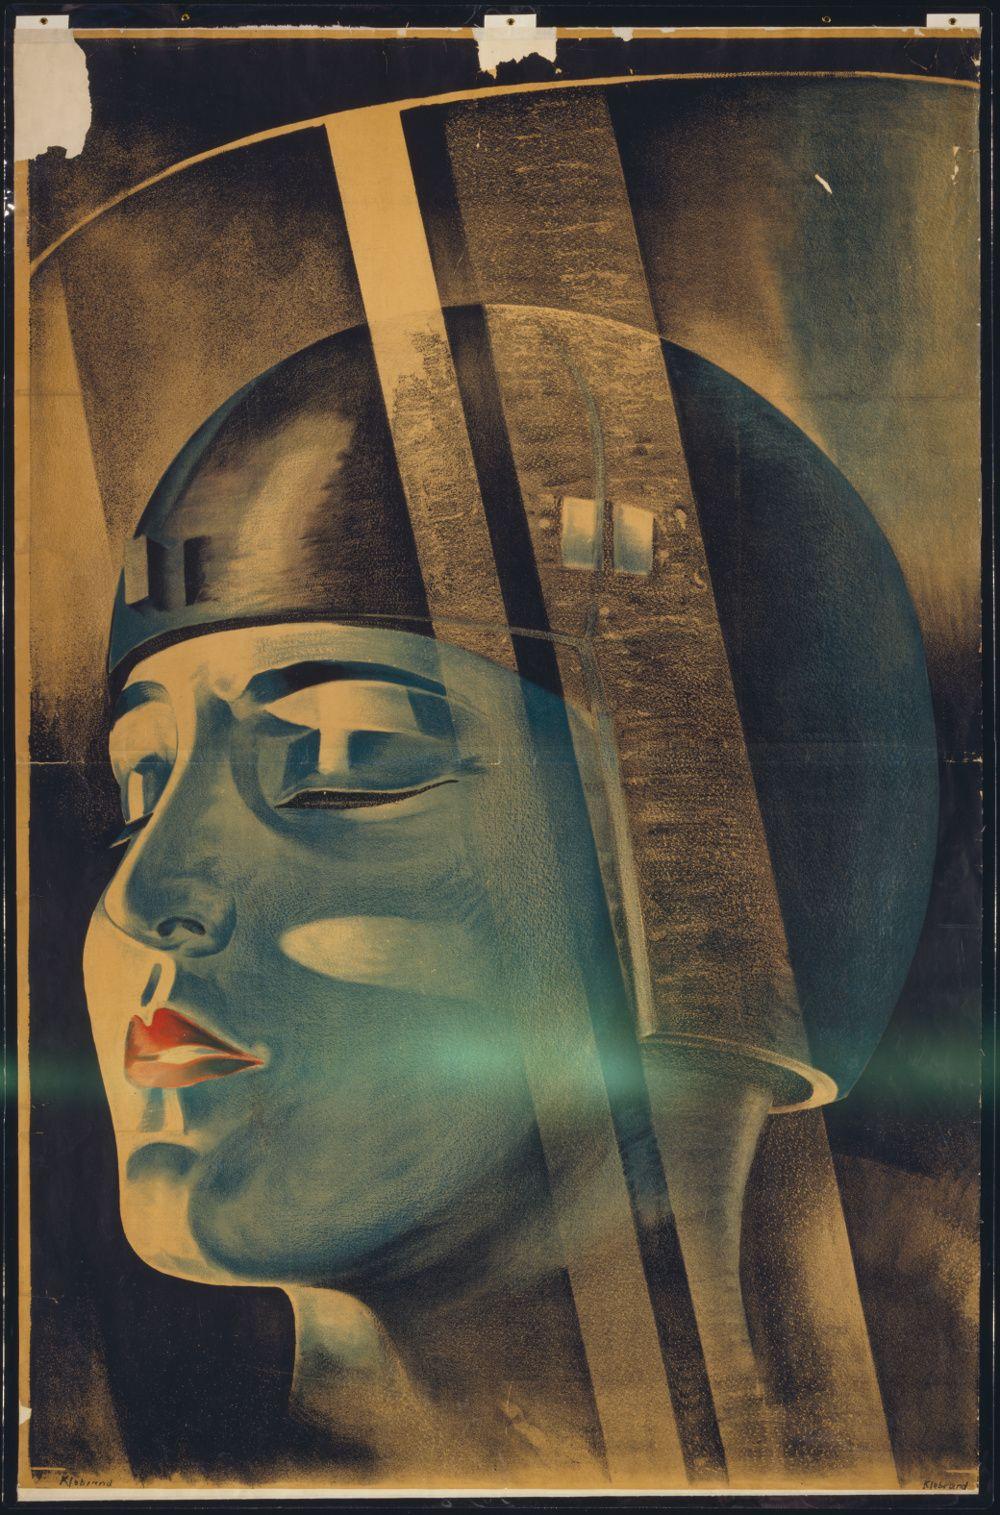 Metropolis Werner Graul Art Deco Posters Poster Art Metropolis Poster